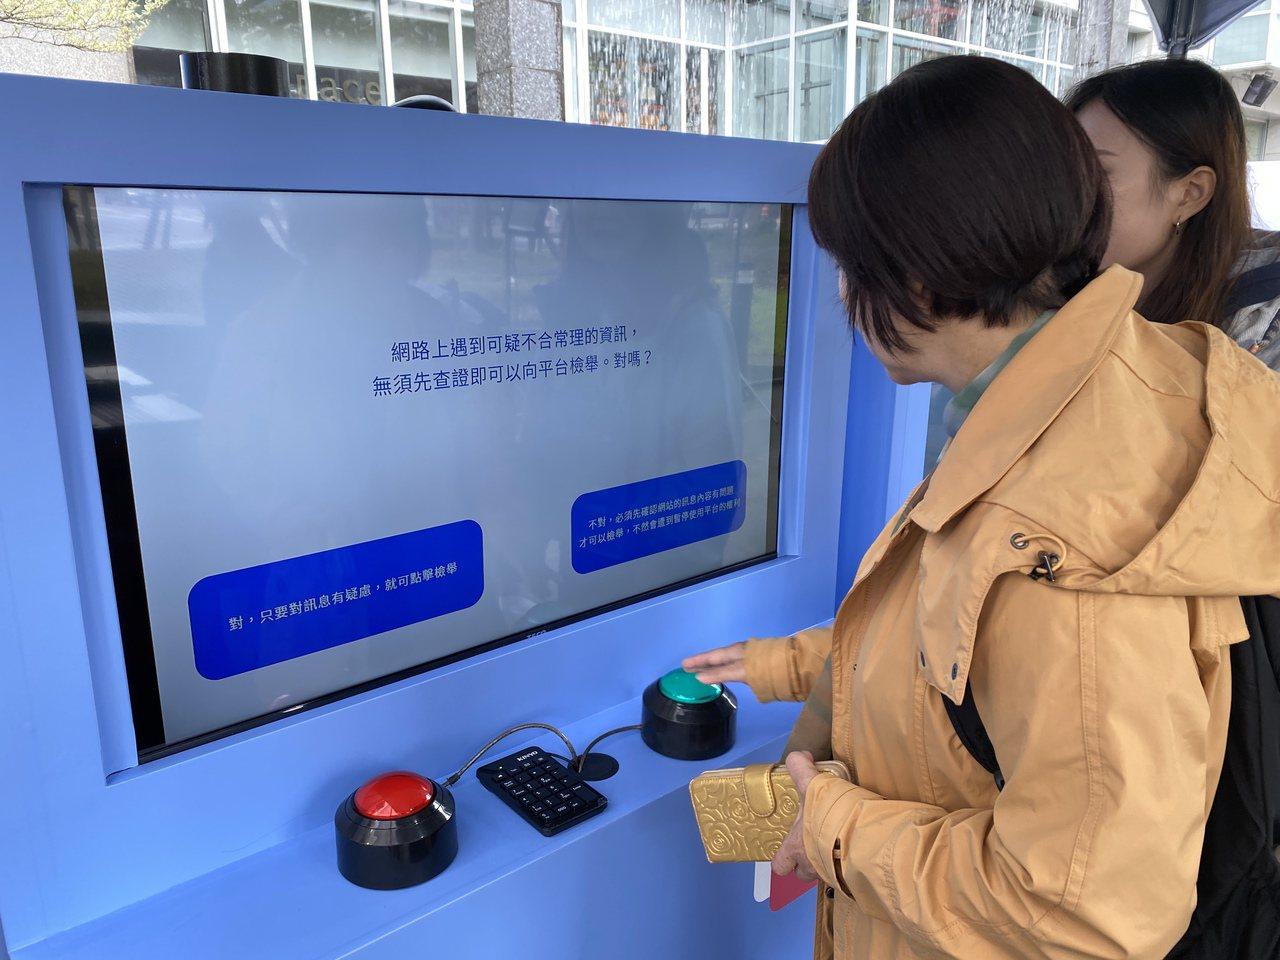 透過輕鬆的互動遊戲,讓民眾了解數位素養知識。記者黃筱晴/攝影